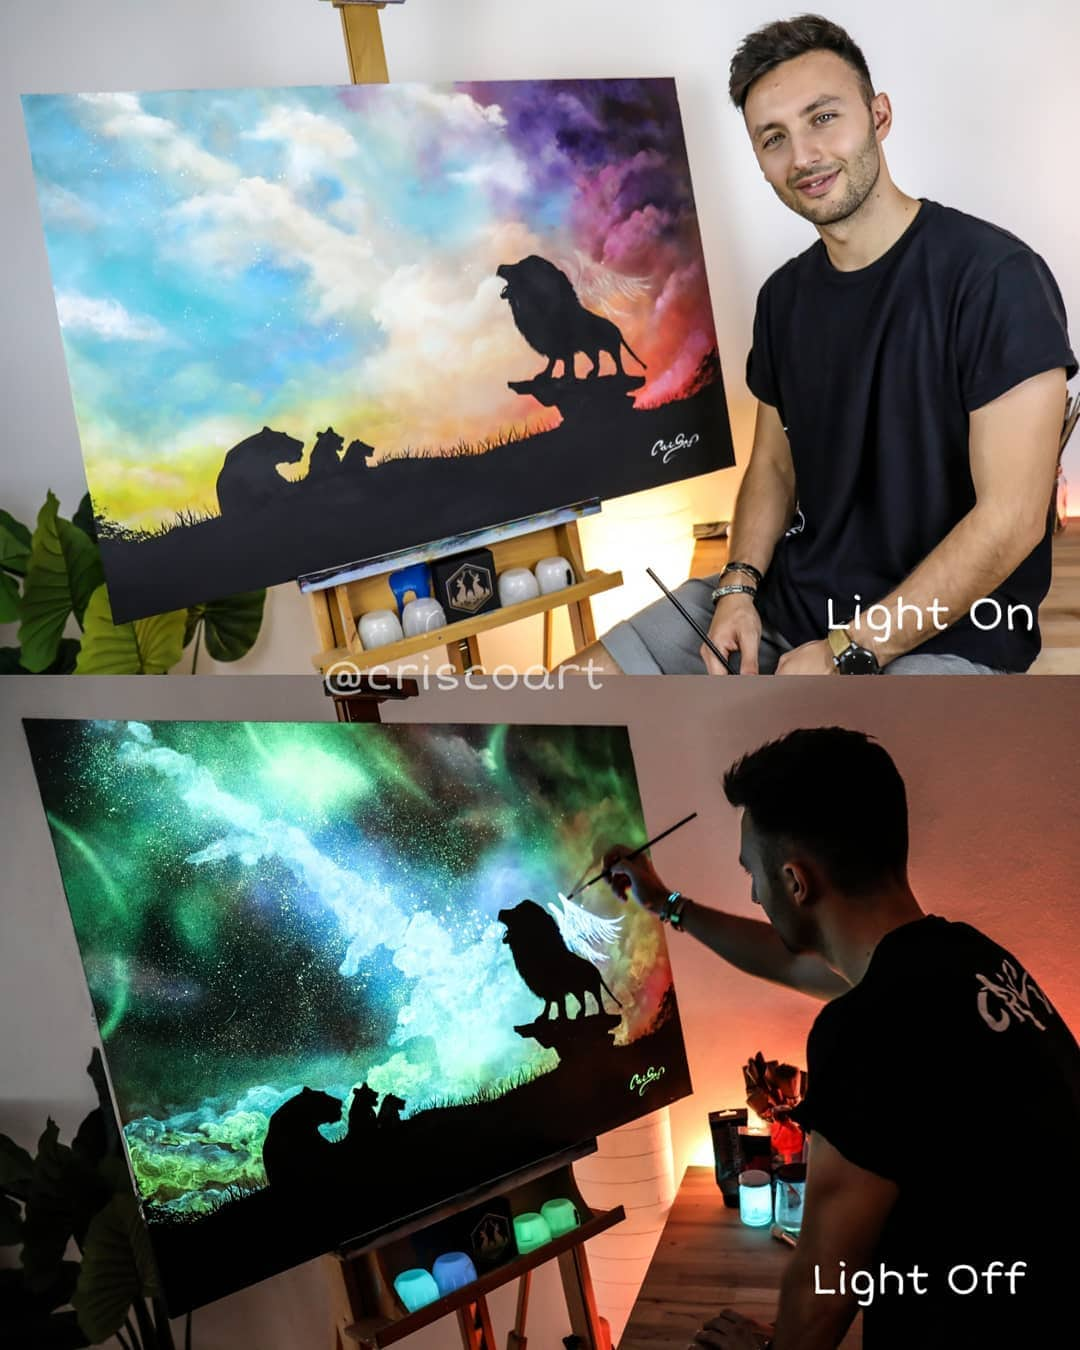 1566887362 8c7e19ad4cf3e77cbdc413a22b15ac1a - 20 рисунков итальянского художника, которые оживают, когда выключается свет